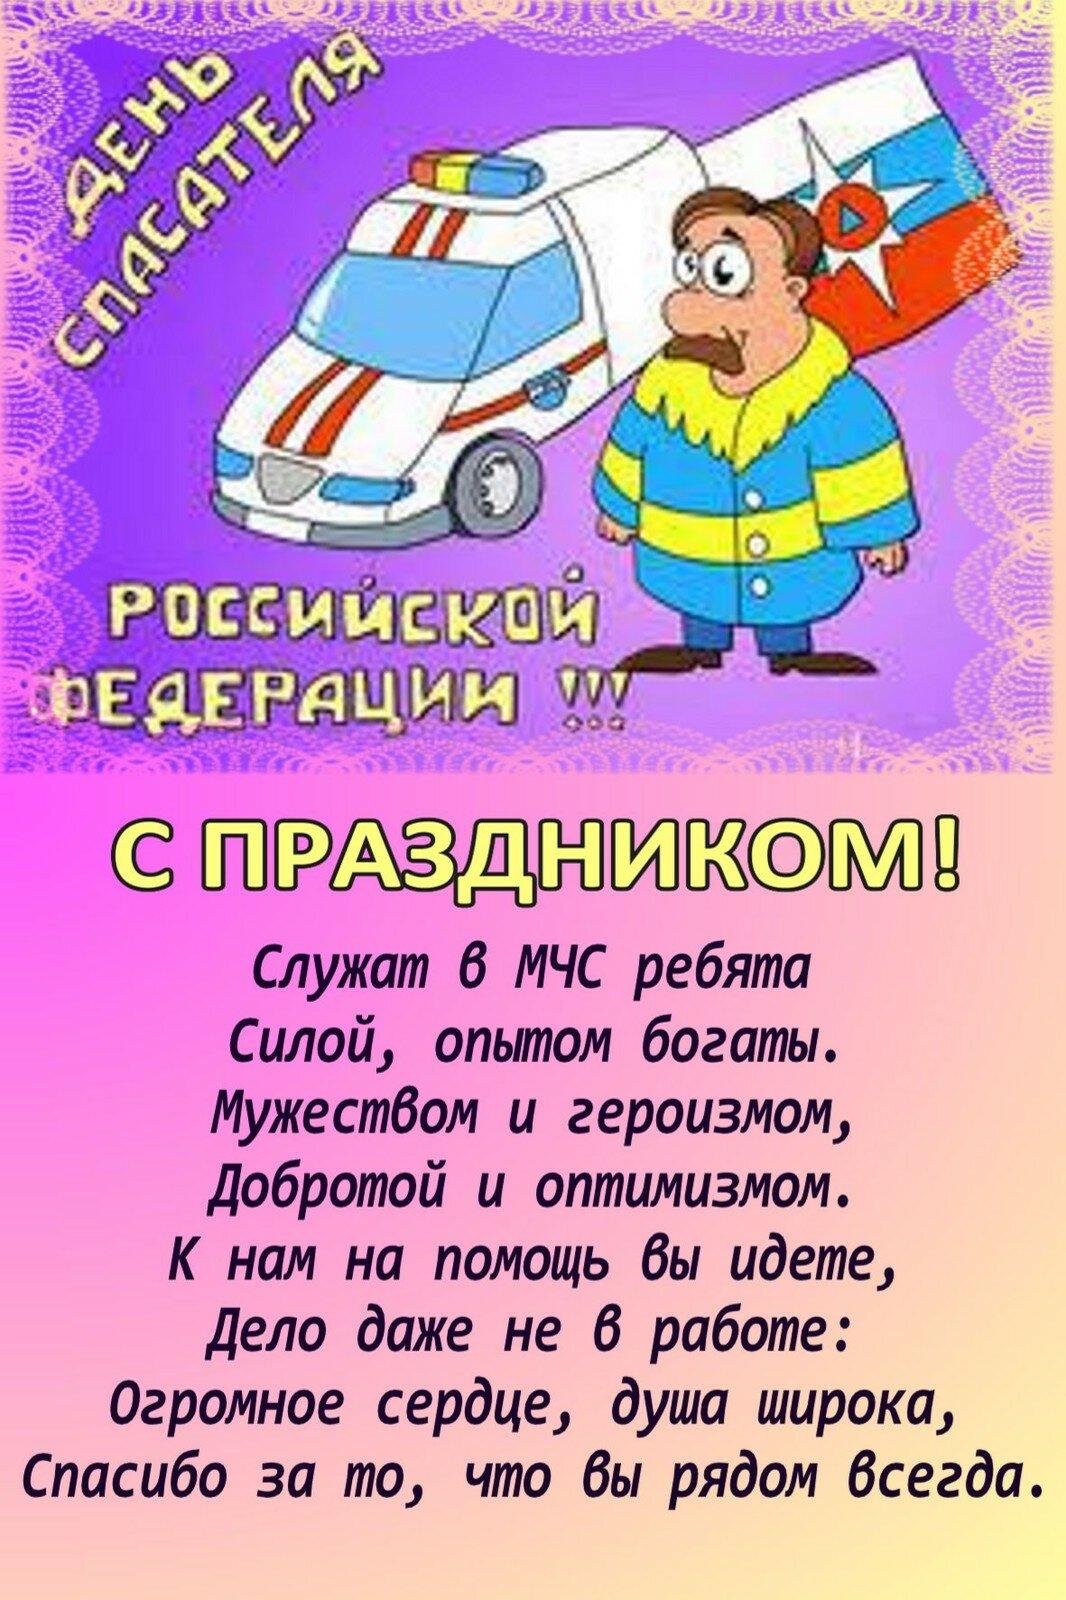 Смешные картинки про пожарных мчс россии ответа этот